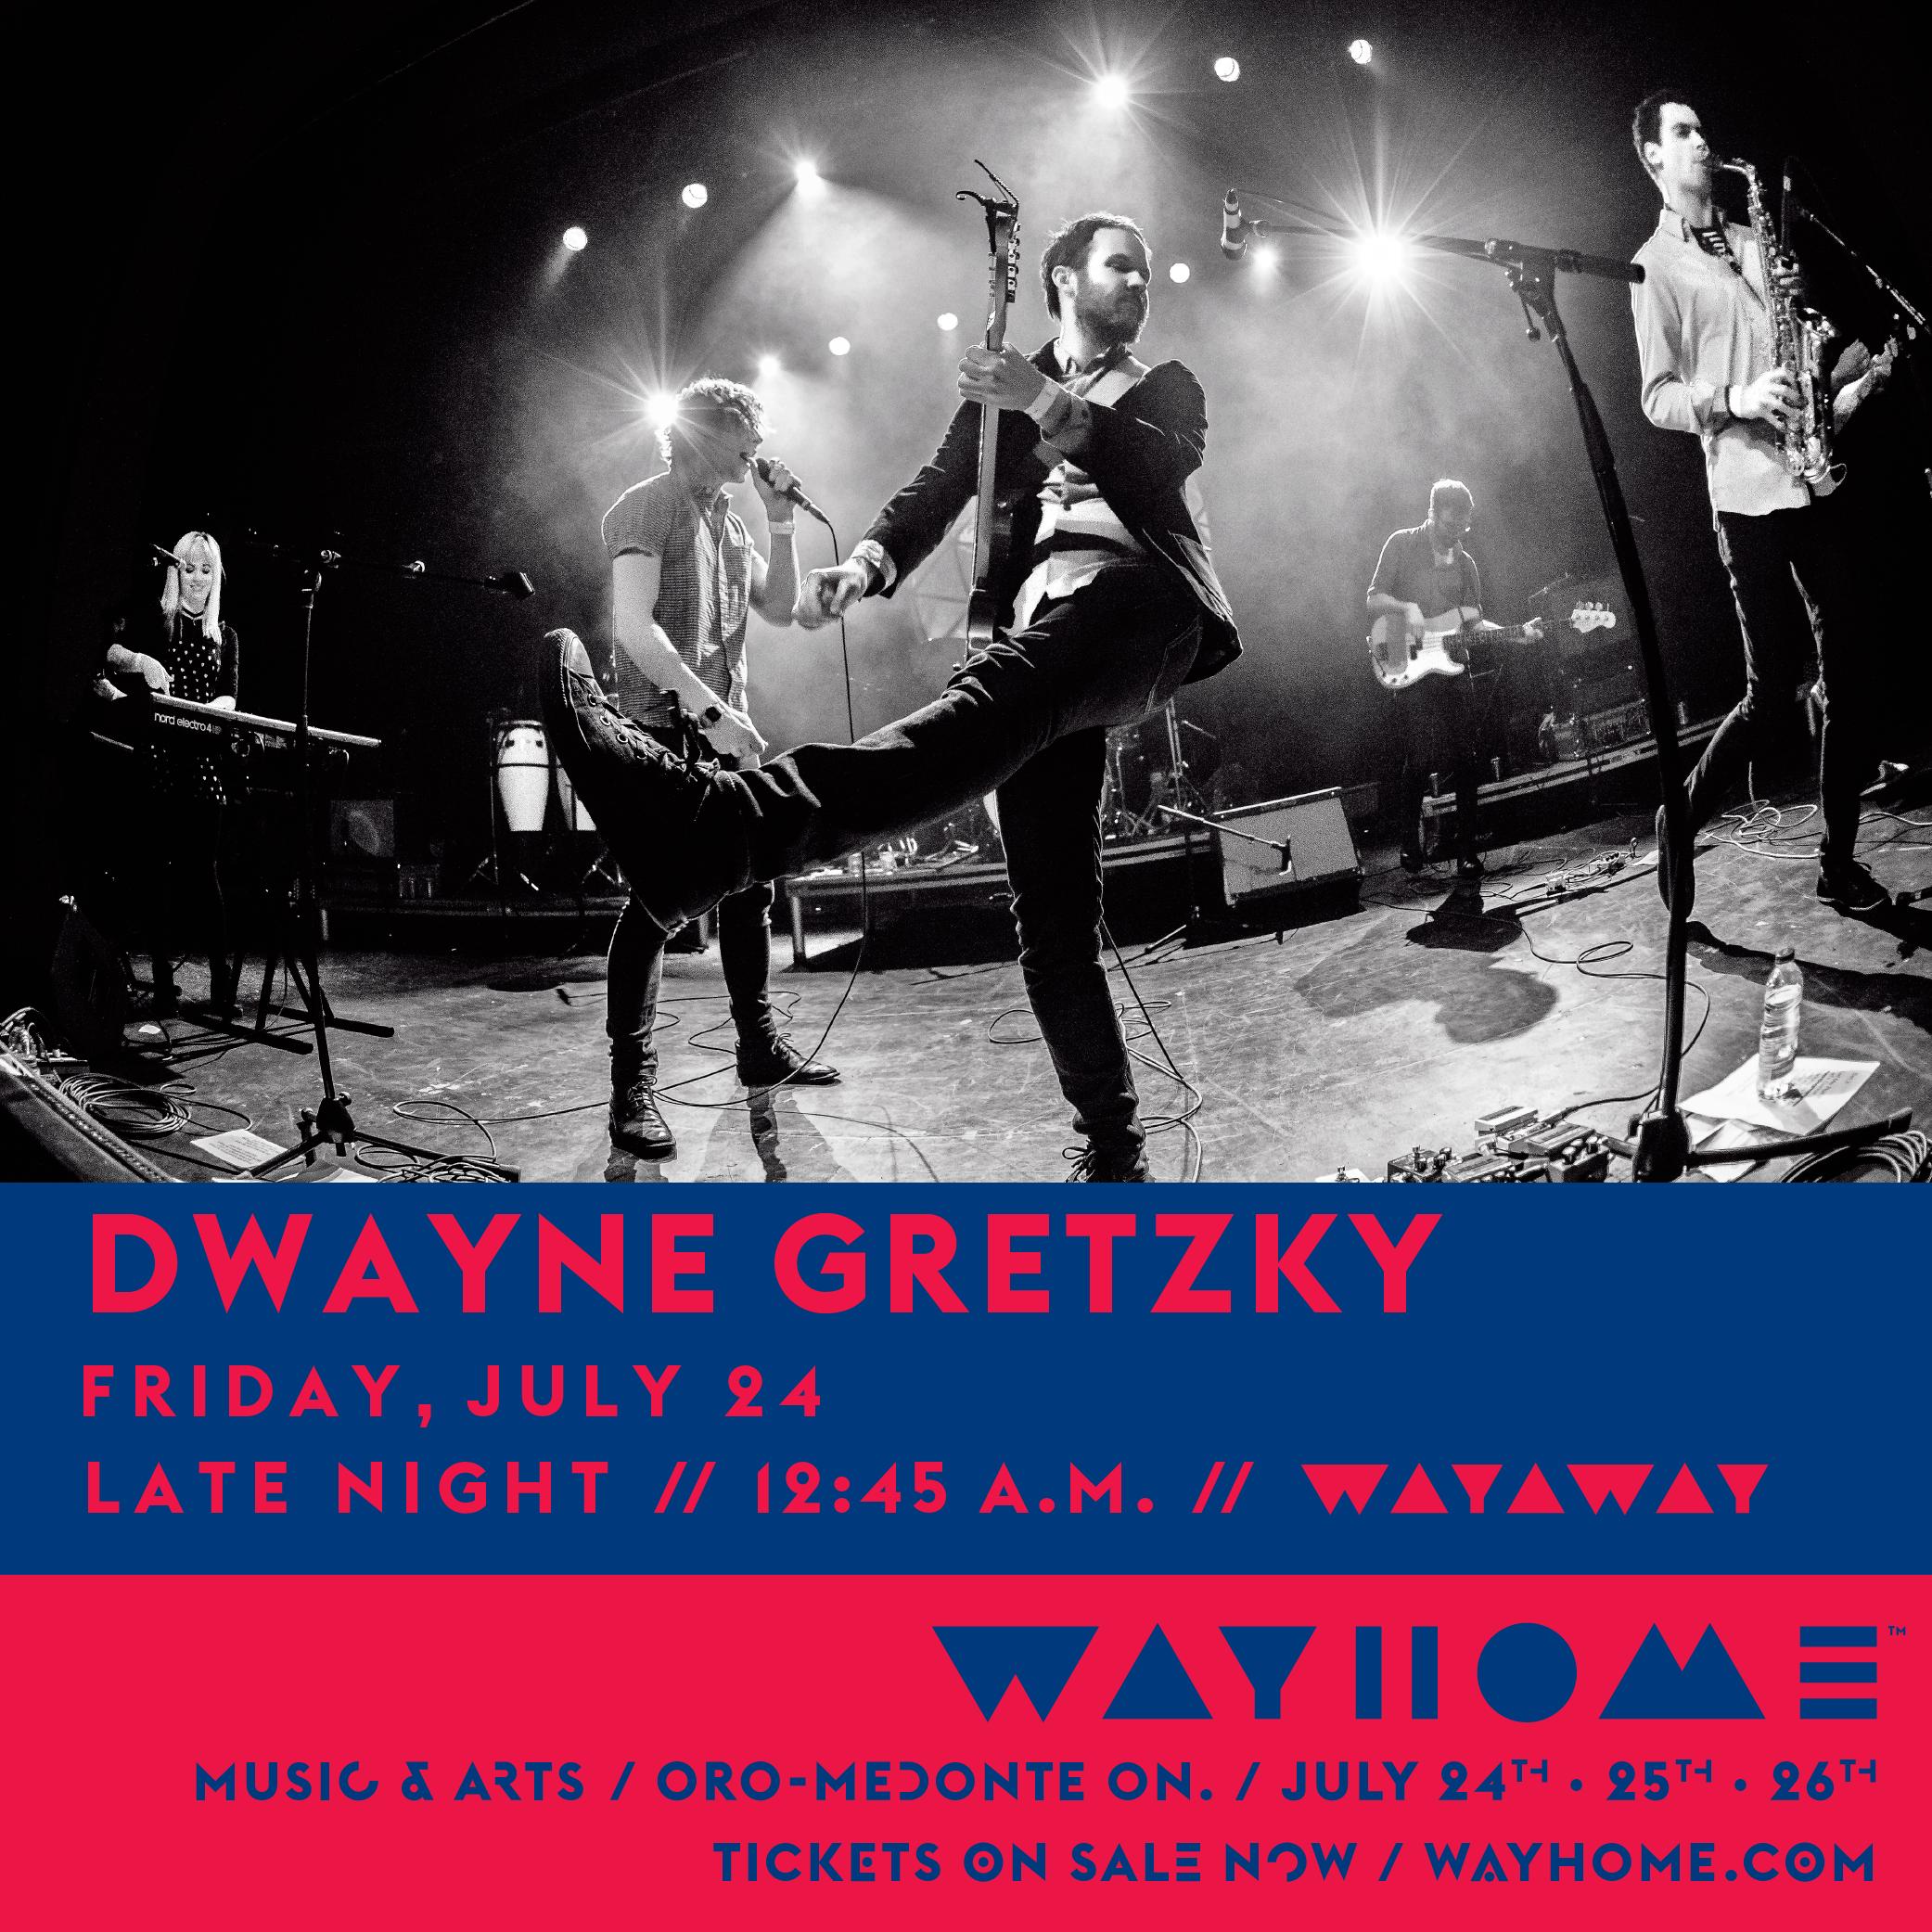 Friday.DwayneGretzky.Wayaway-01